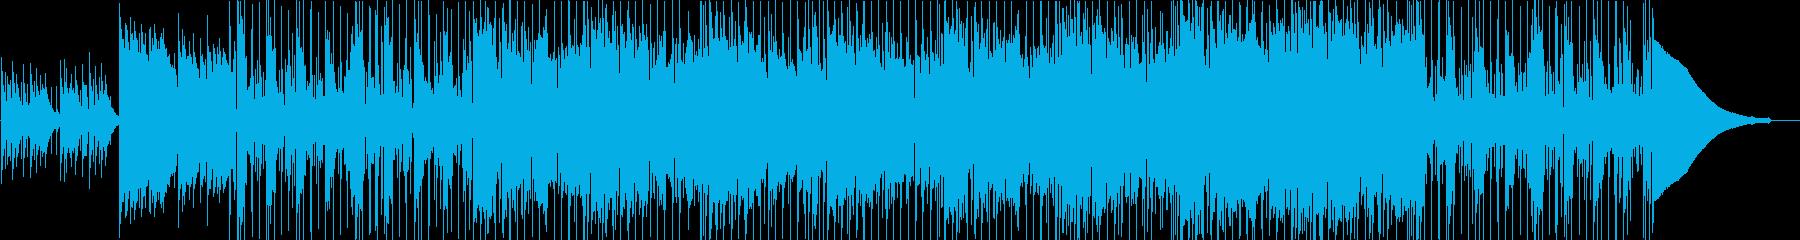 切ない雰囲気のギターポップスの再生済みの波形